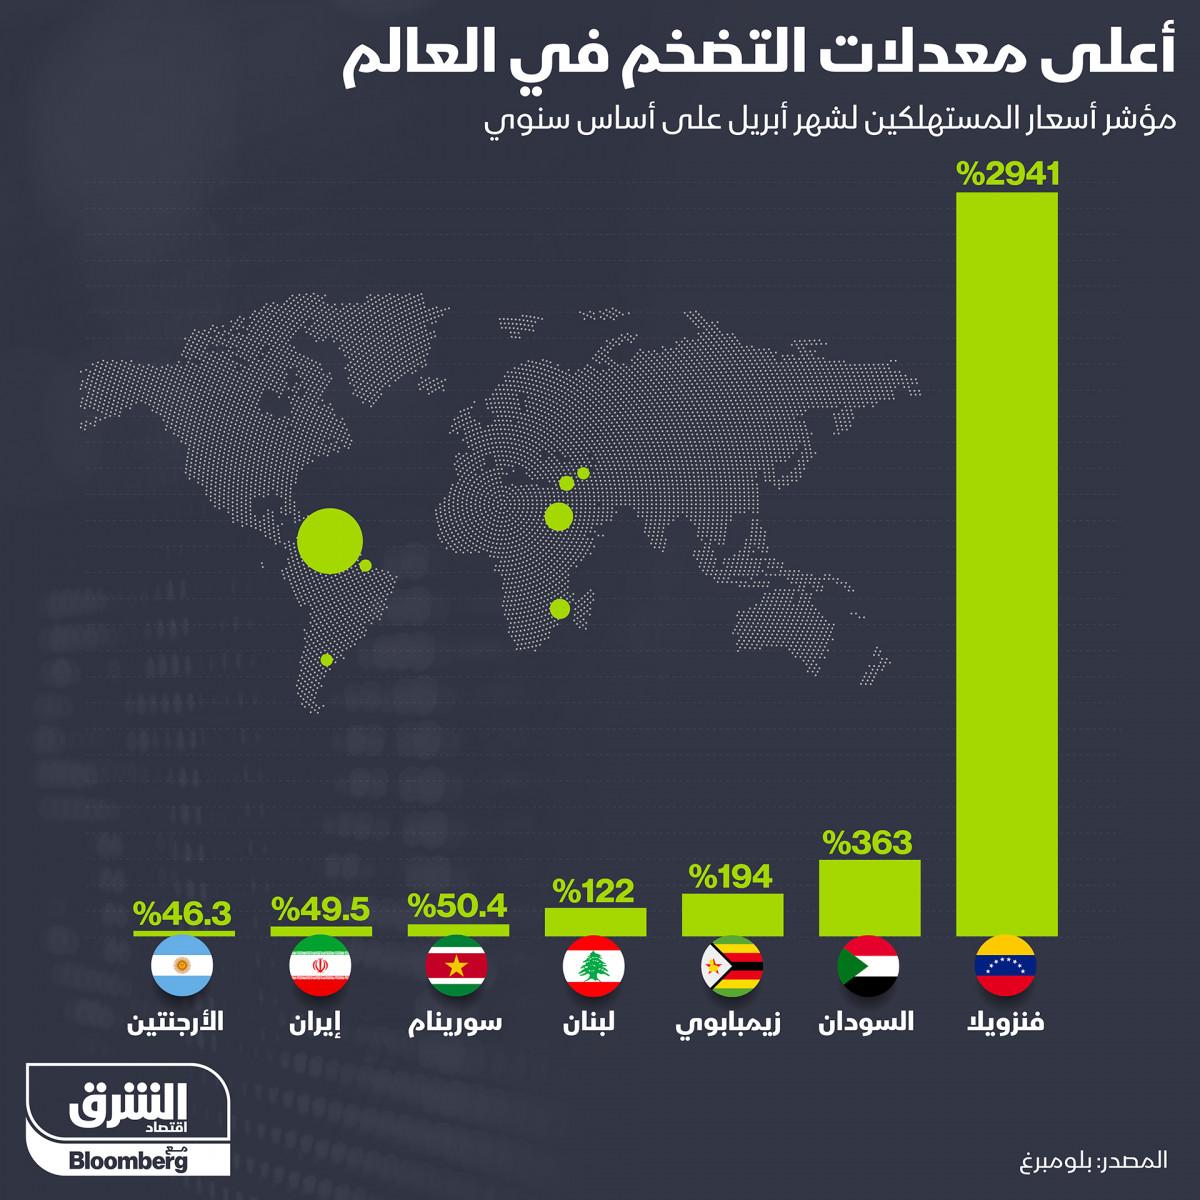 السودان ولبنان بين أعلى معدلات التضخم في العالم